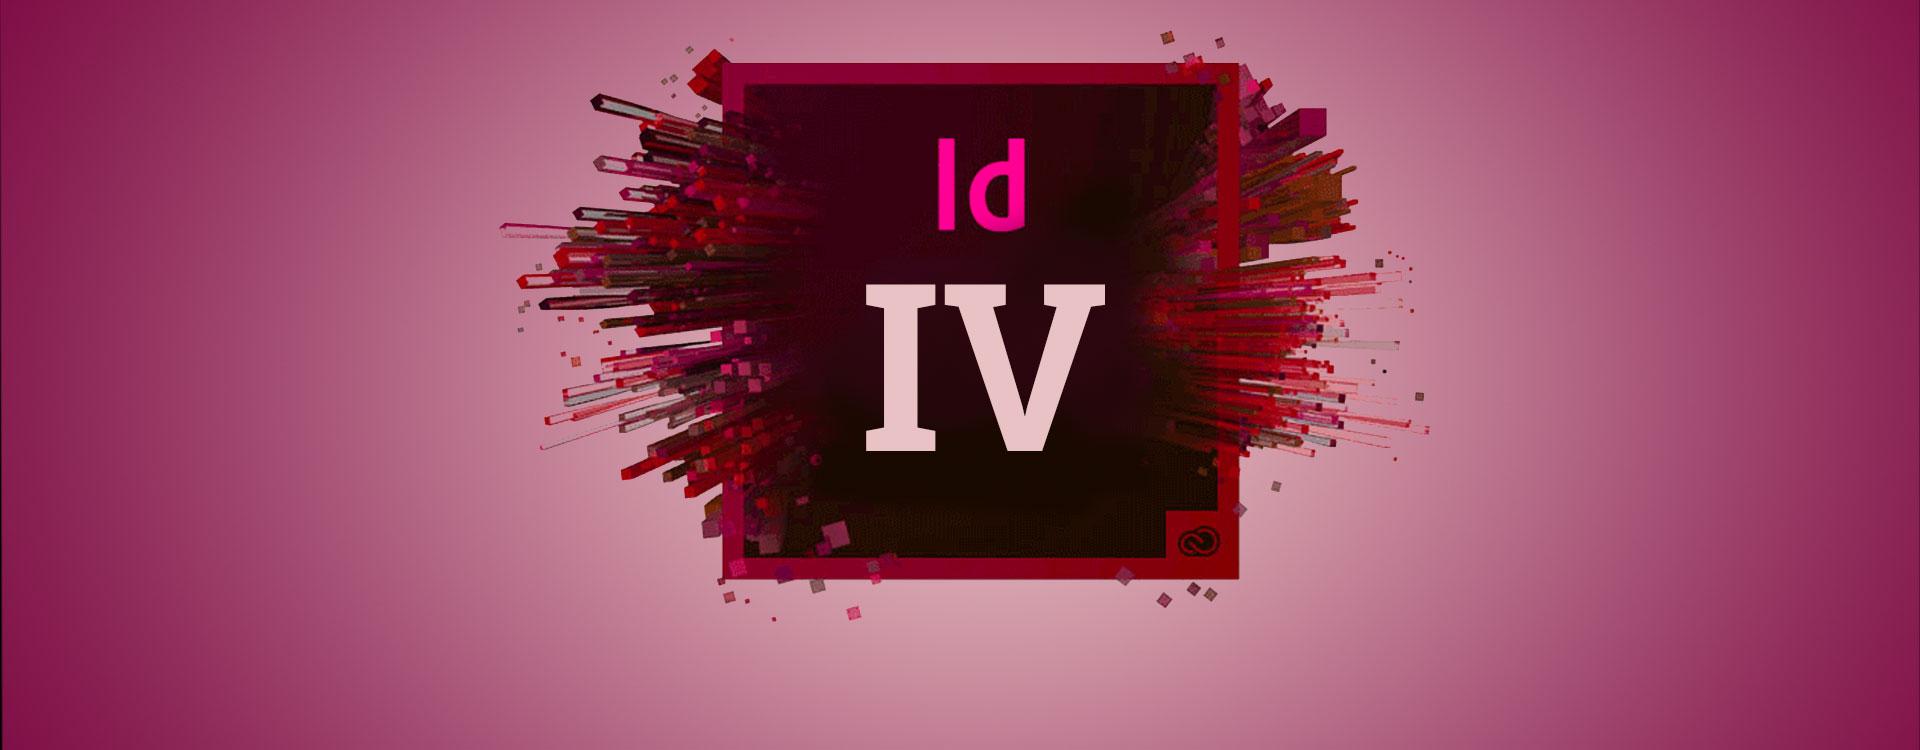 InDesign – IV – Illustratief Werken